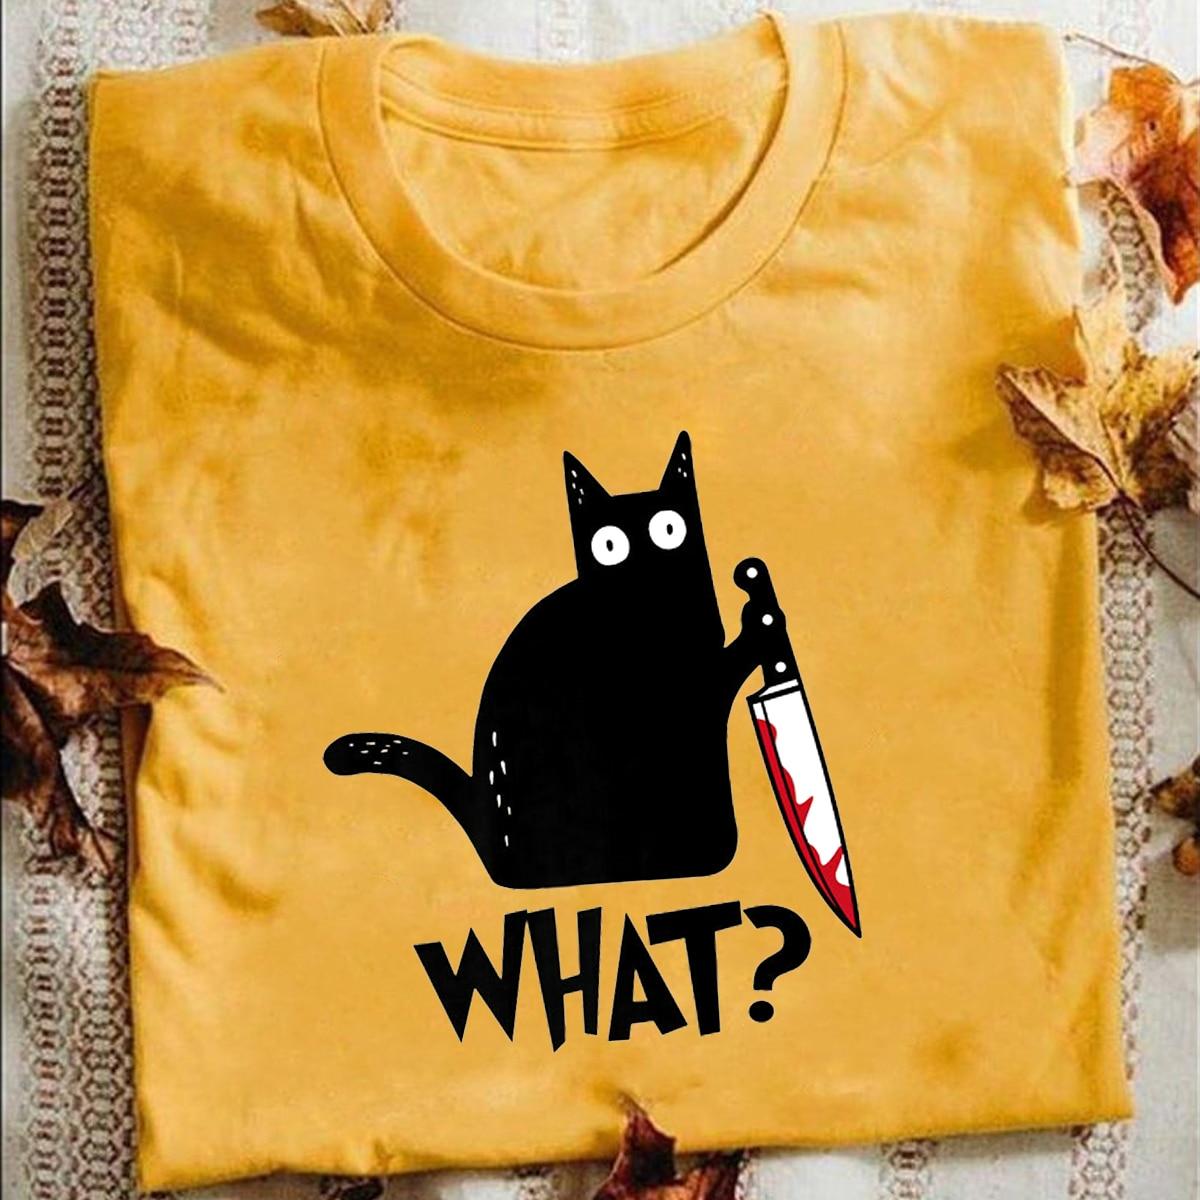 Gato Camiseta Quais Assassina Gato Com Faca Presente do Dia Das Bruxas Engraçado Camiseta Unisex de Alta qualidade t-shirts de algodão presente do Dia Das Bruxas